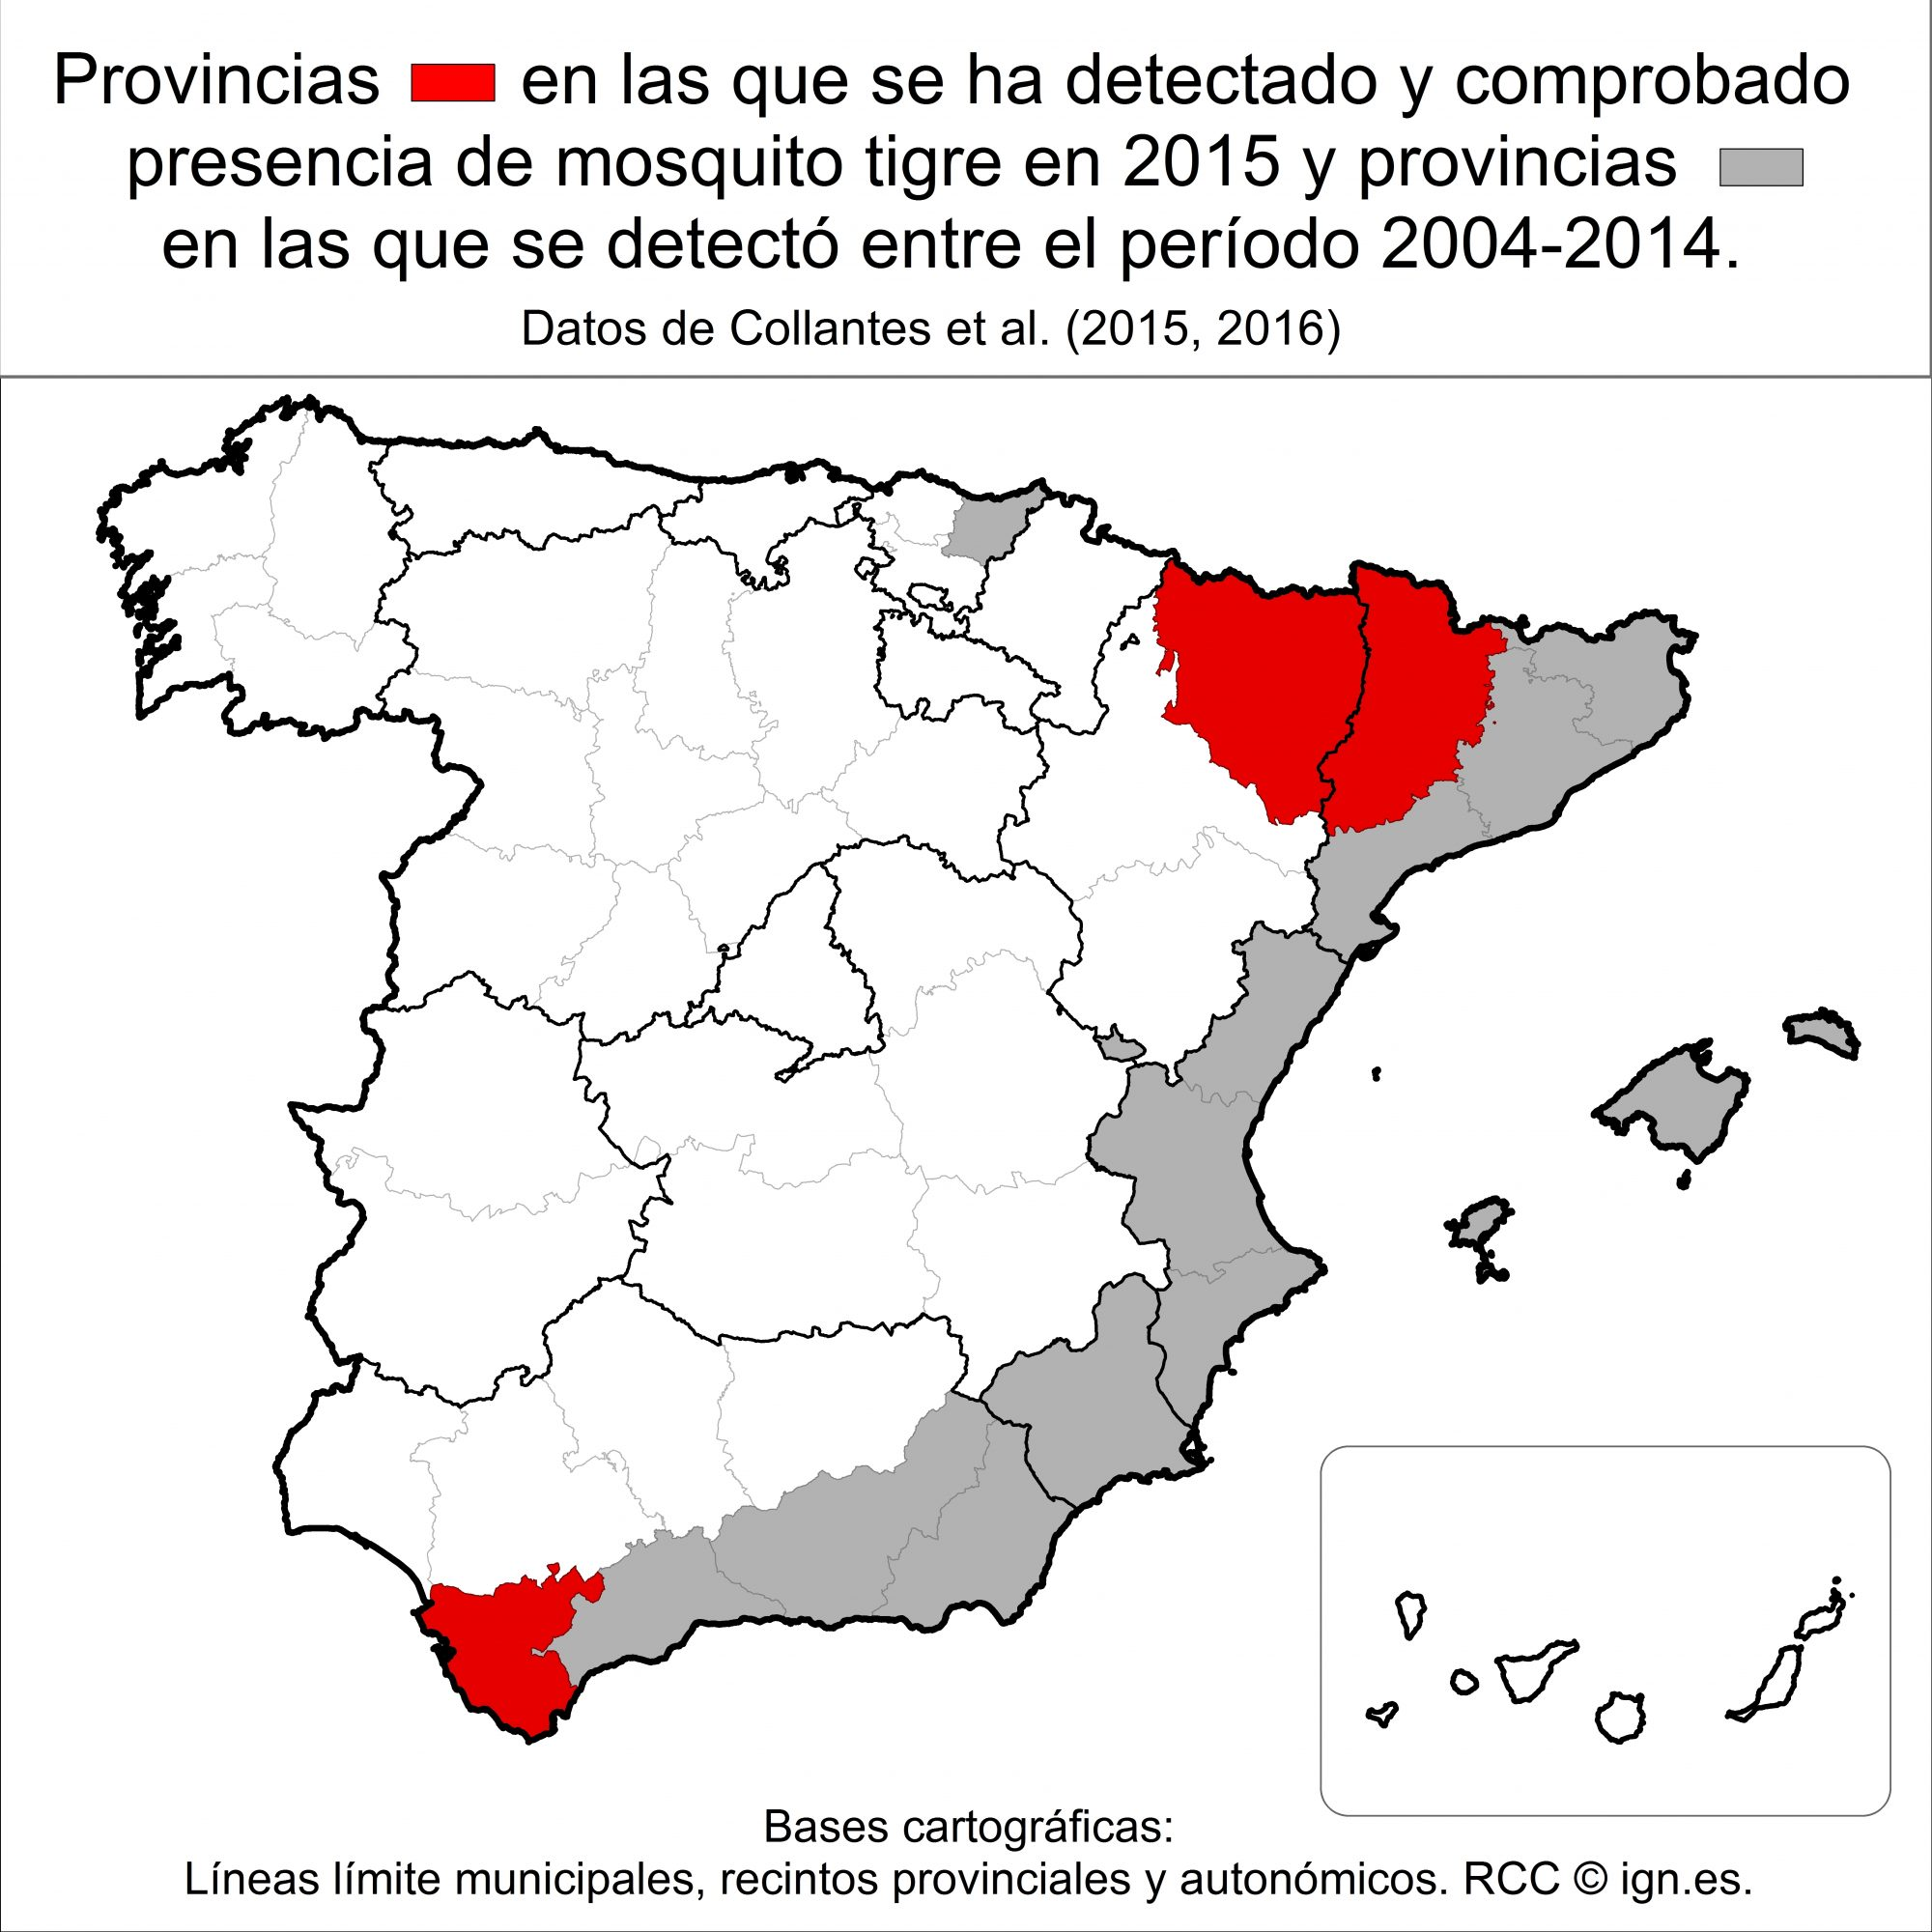 mapa_mosquitotigre_provincias2015_esp